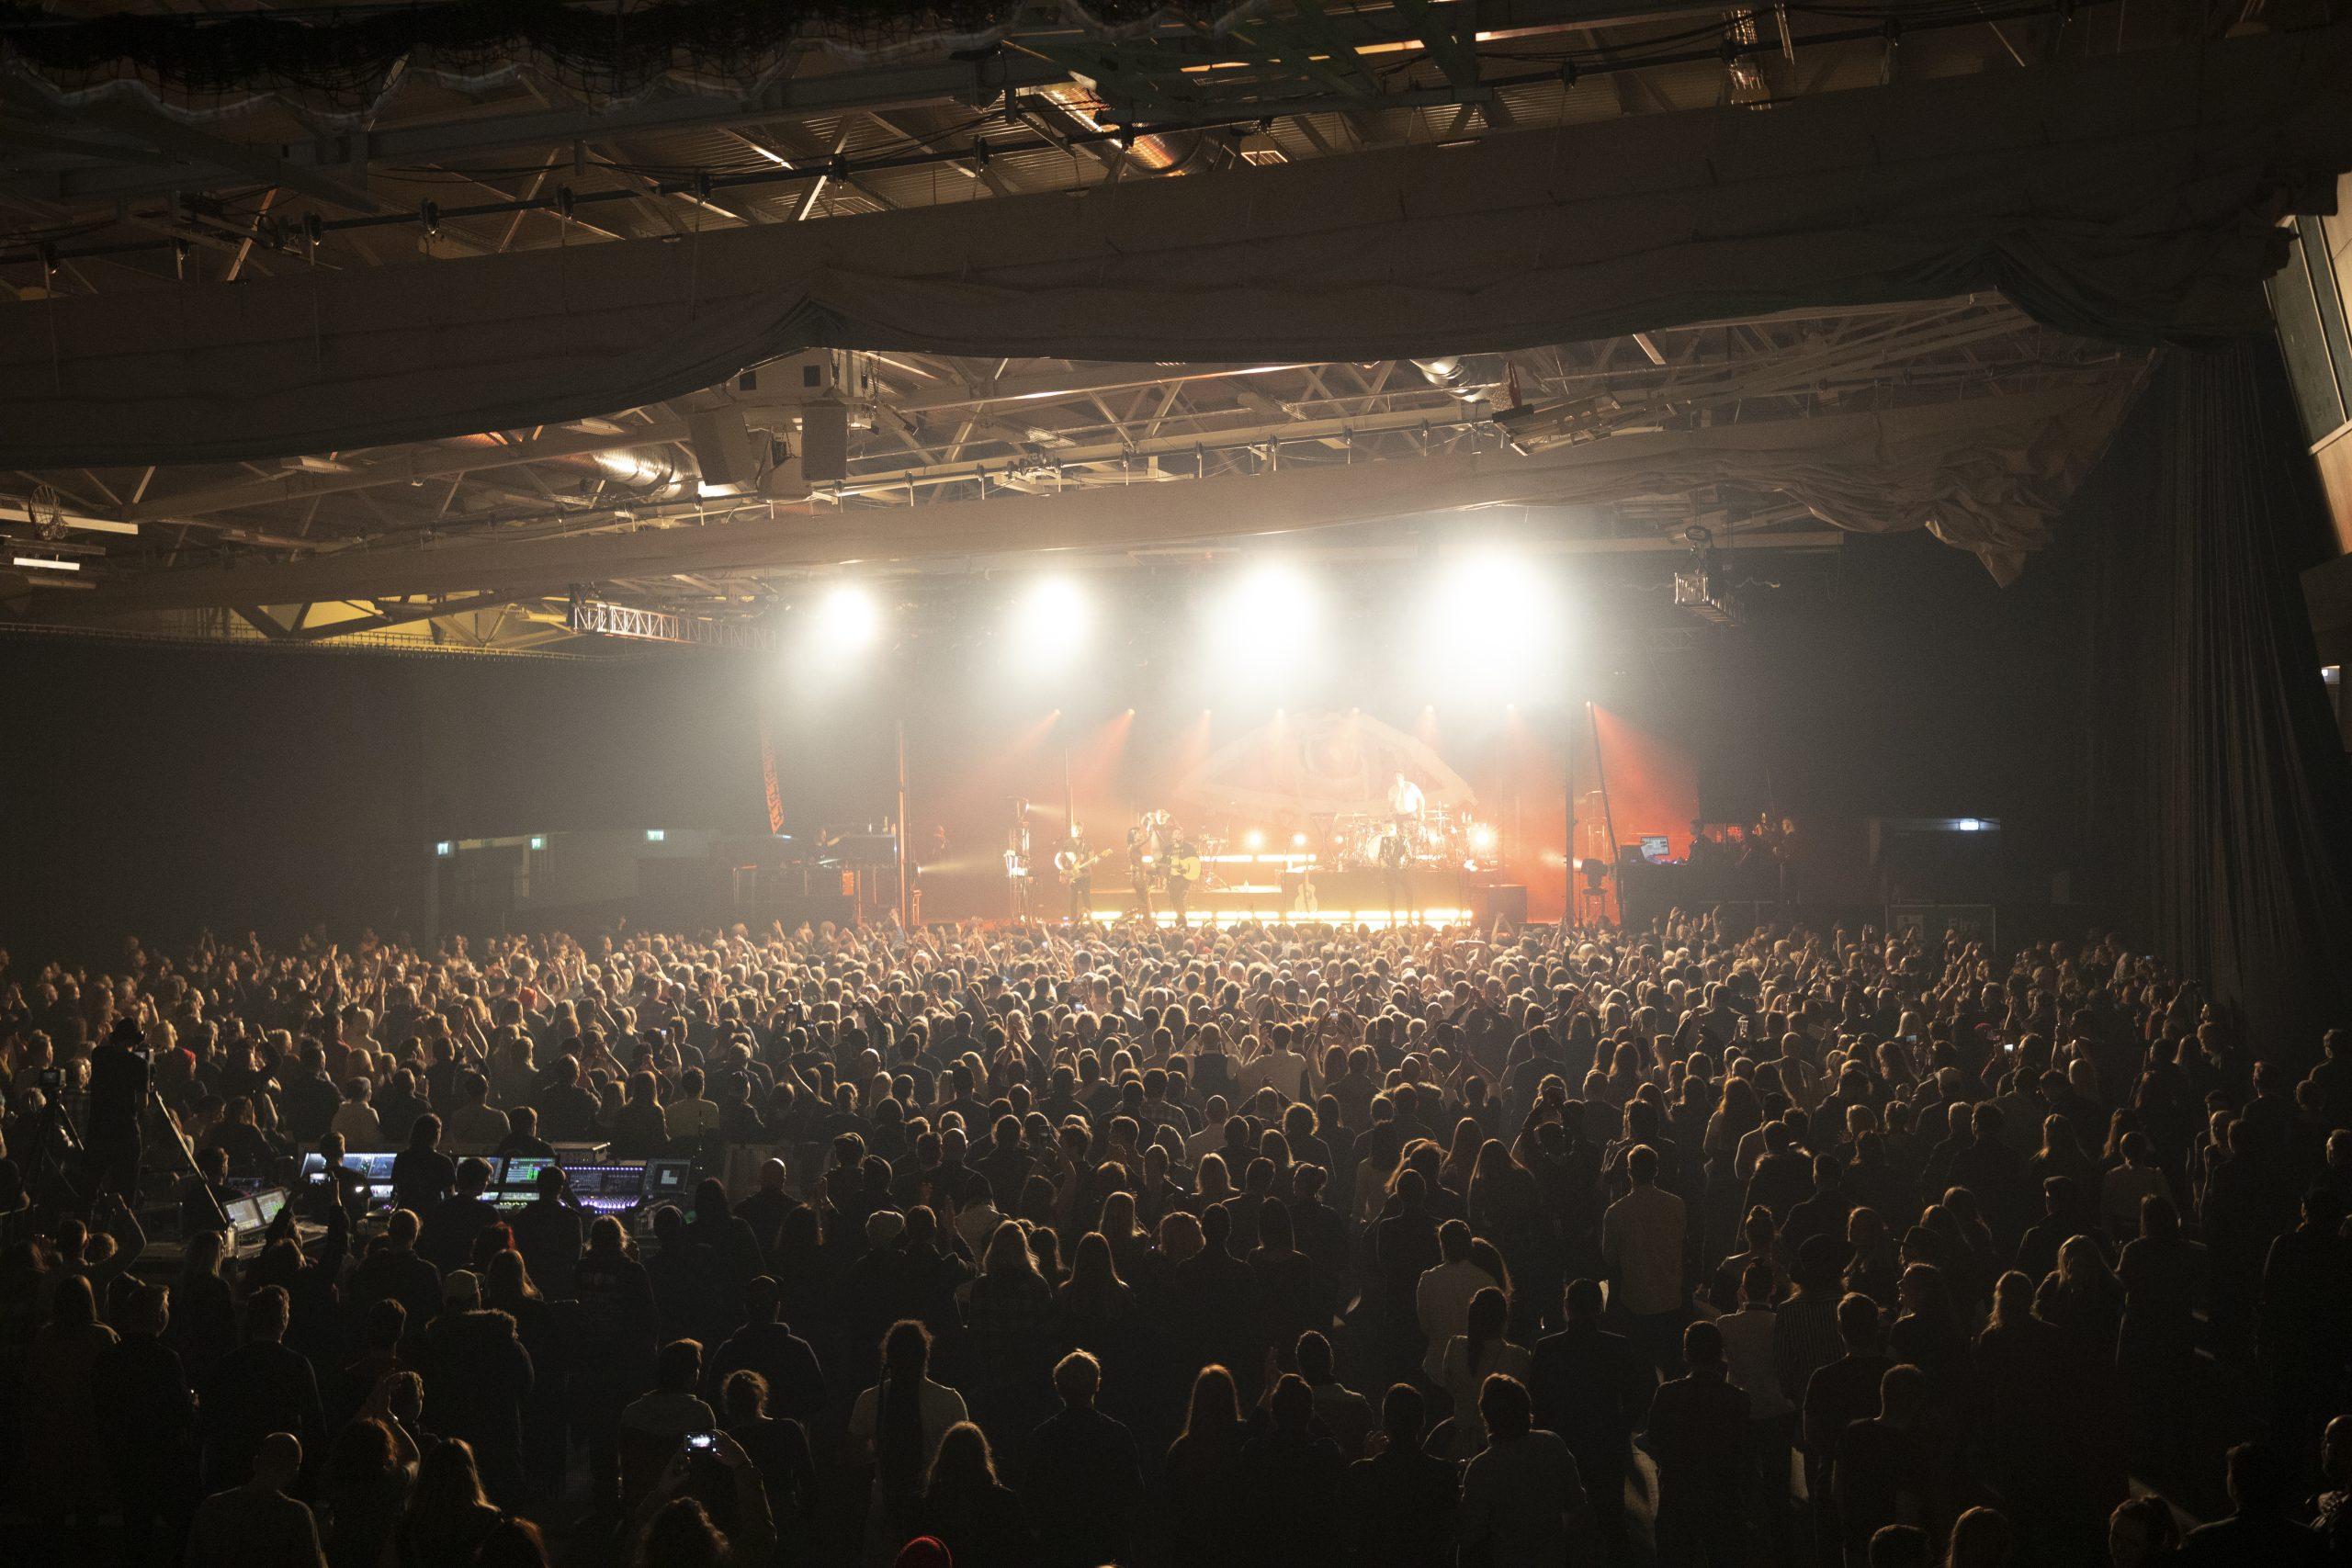 Iceland concert, Live in Reykavjik